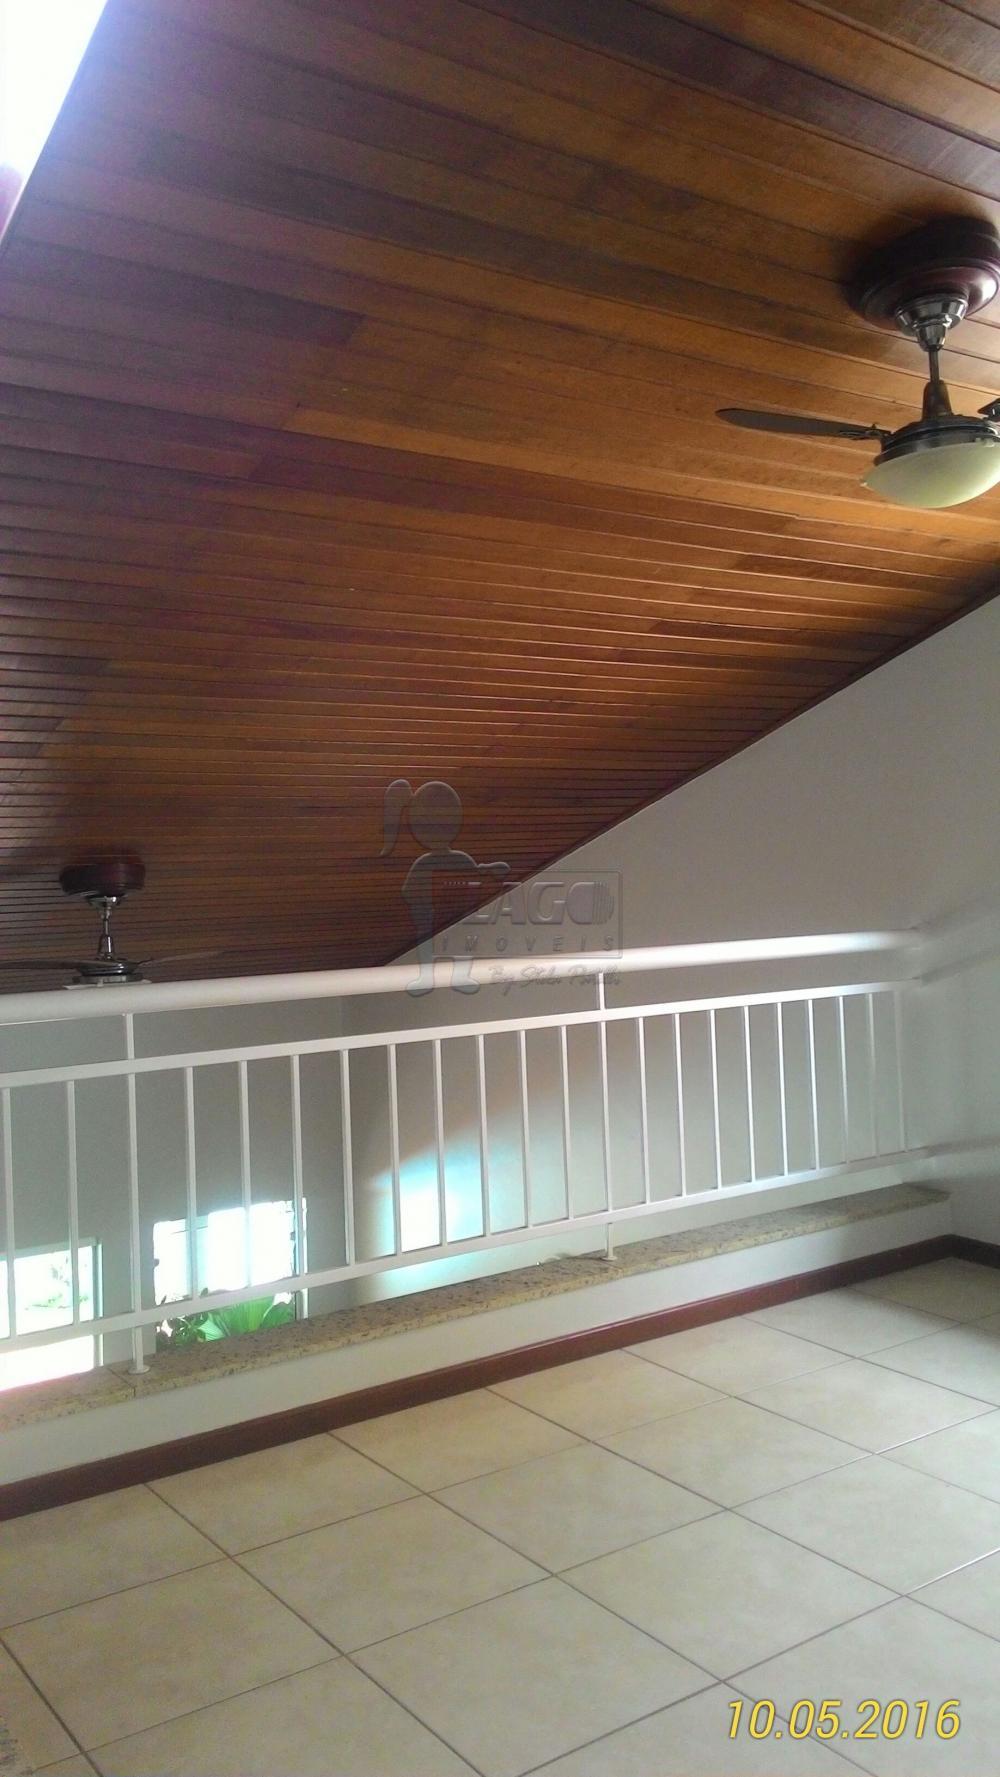 Alugar Casas / Condomínio em Bonfim Paulista apenas R$ 3.500,00 - Foto 18